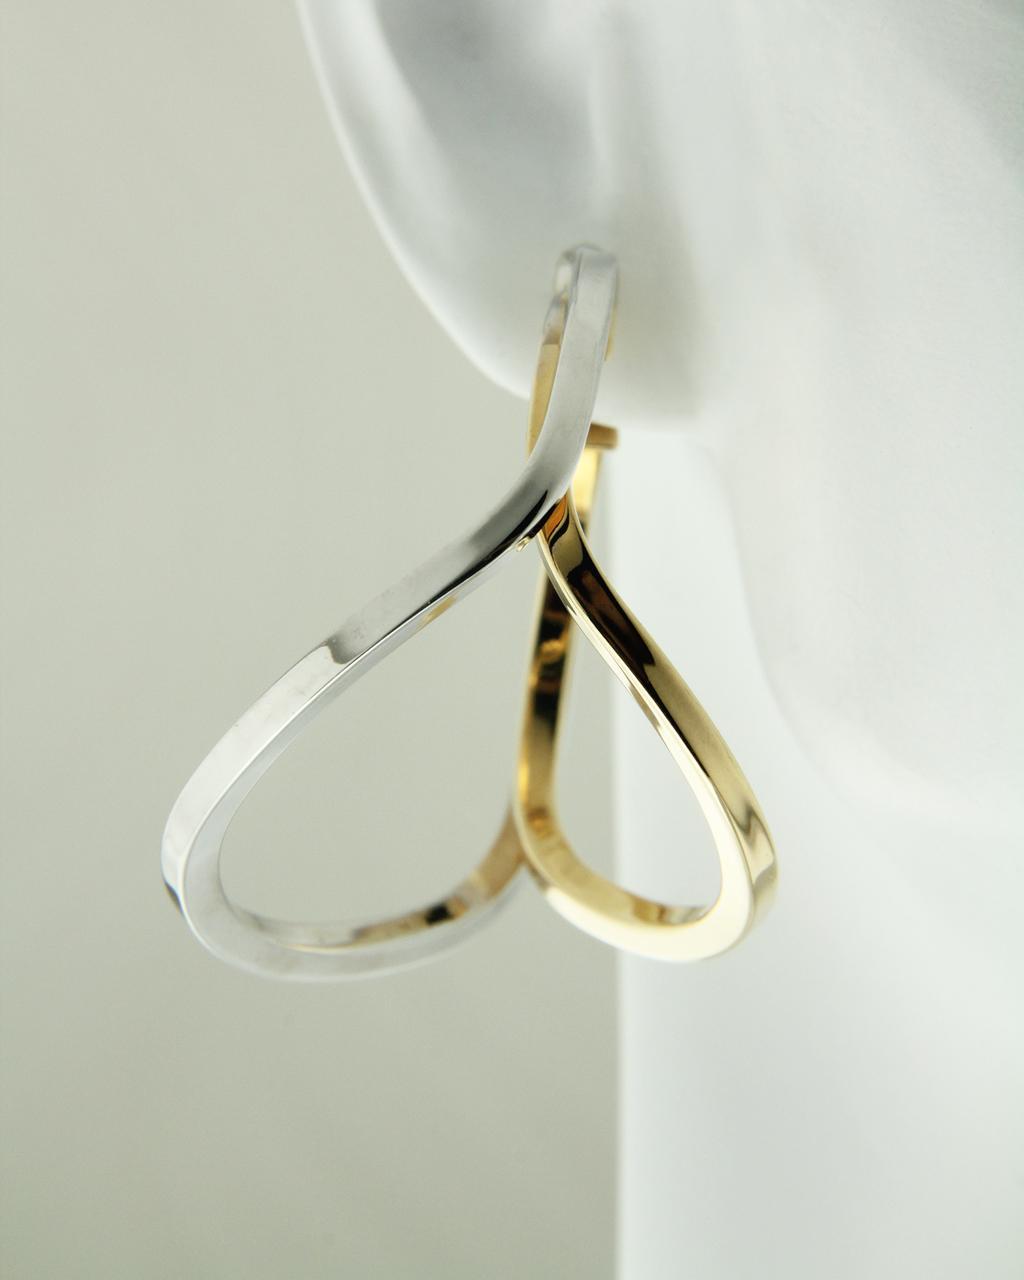 Σκουλαρίκια Κρίκοι σε Χρυσό & Λευκόχρυσα Κ18   γυναικα σκουλαρίκια σκουλαρίκια κρίκοι